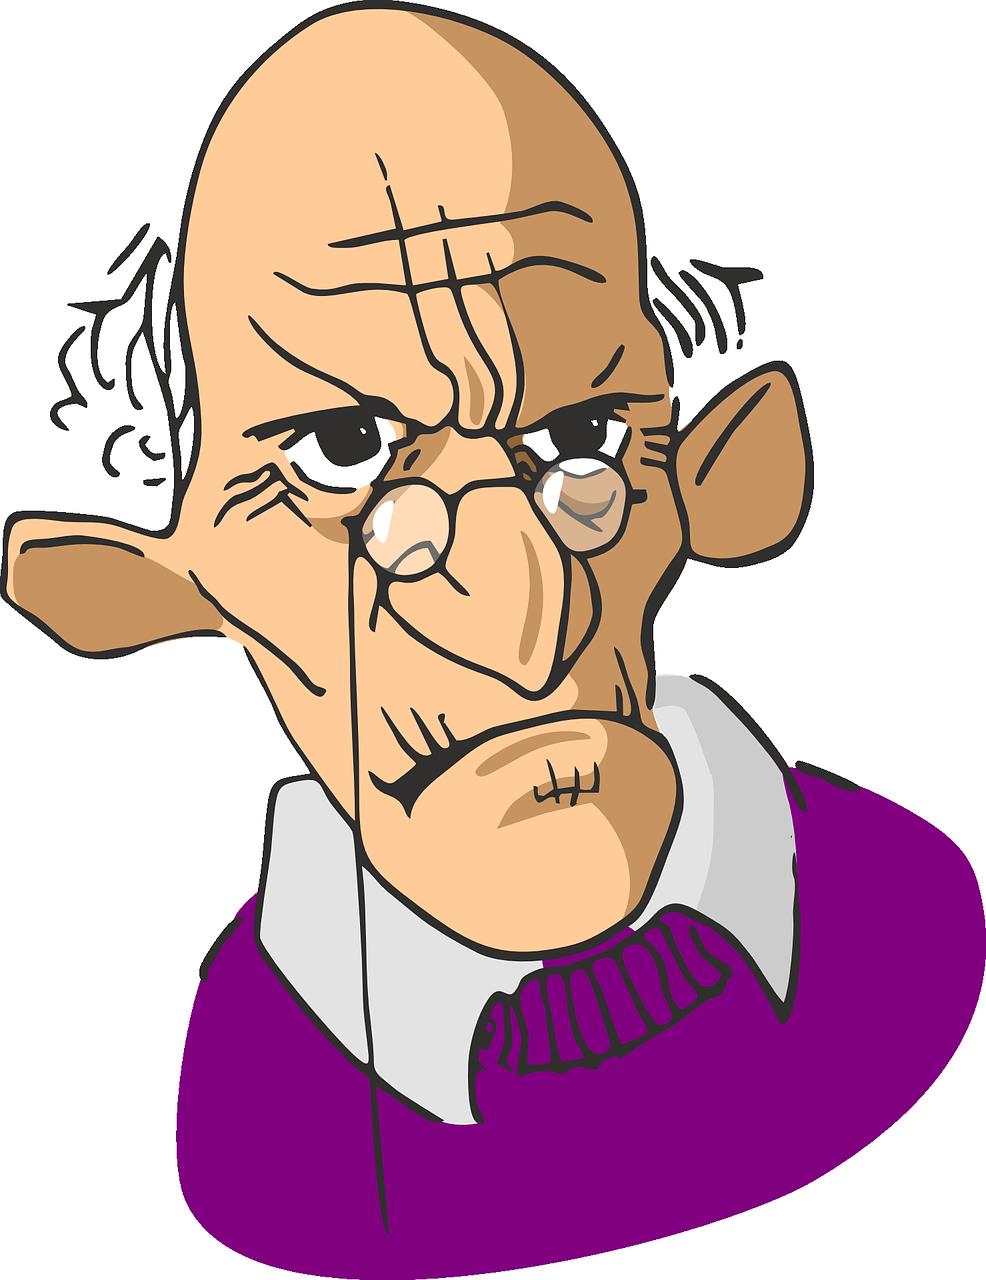 idoso com demência e comportamento agressivo